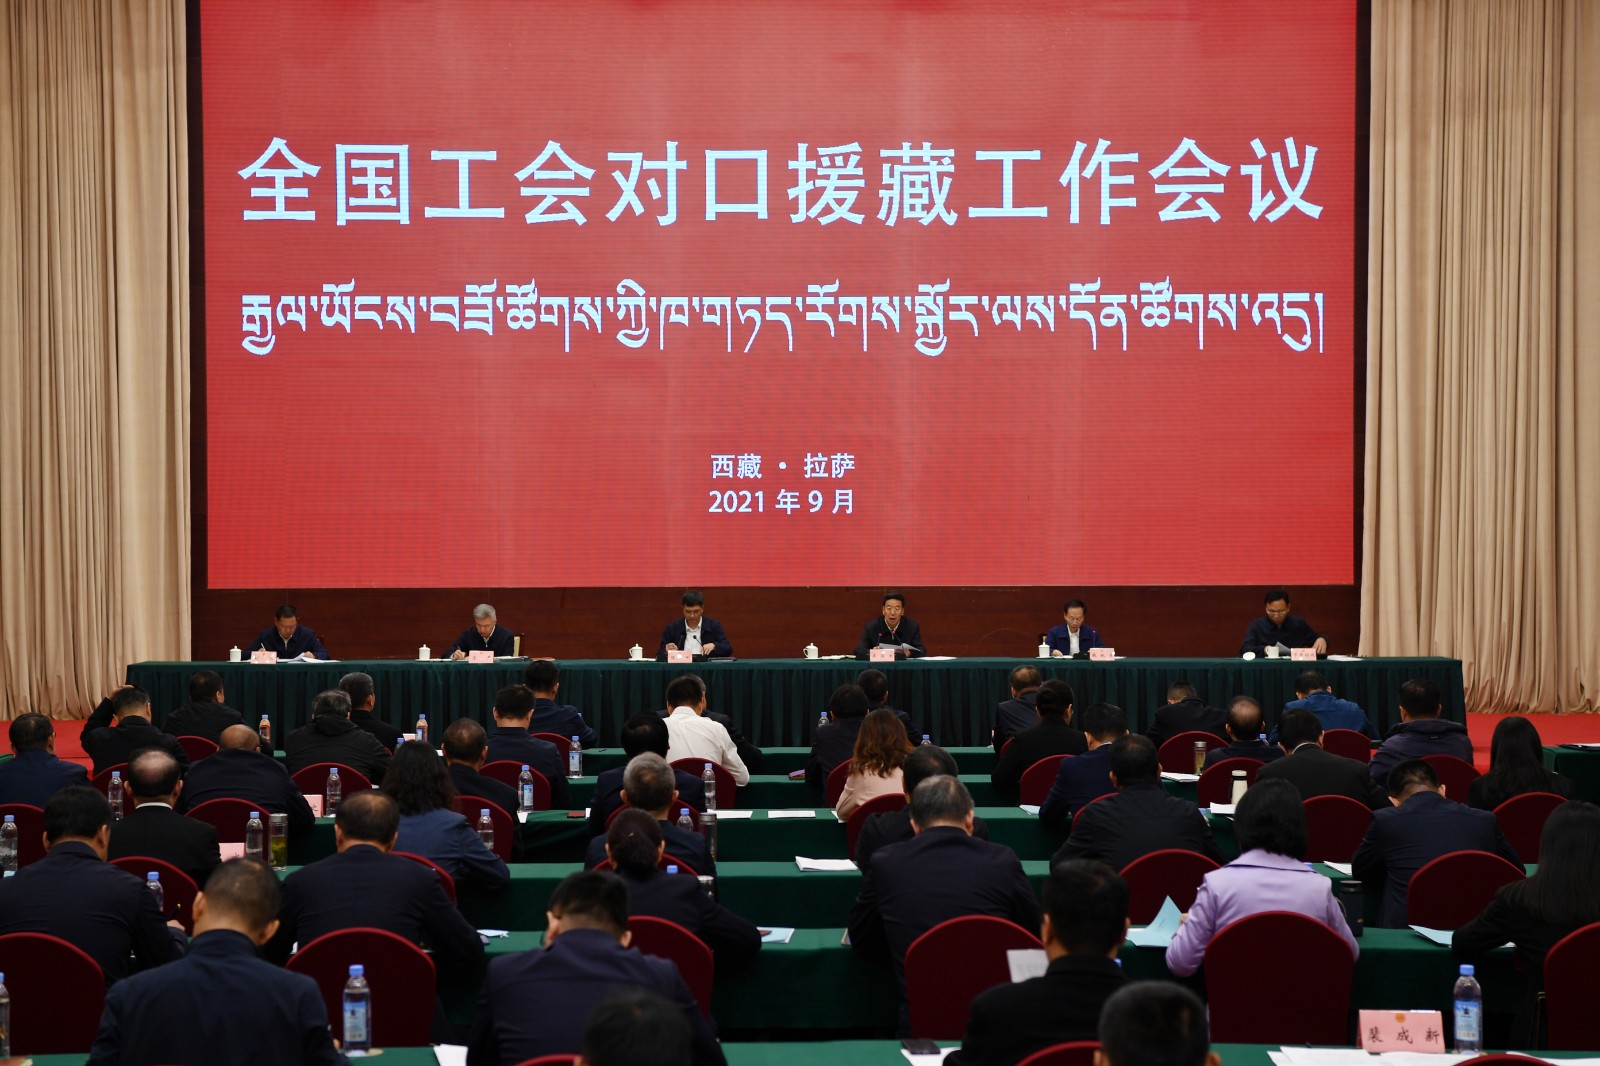 全国工会对口援藏工作会议召开  吴英杰陈刚讲话 庄严出席